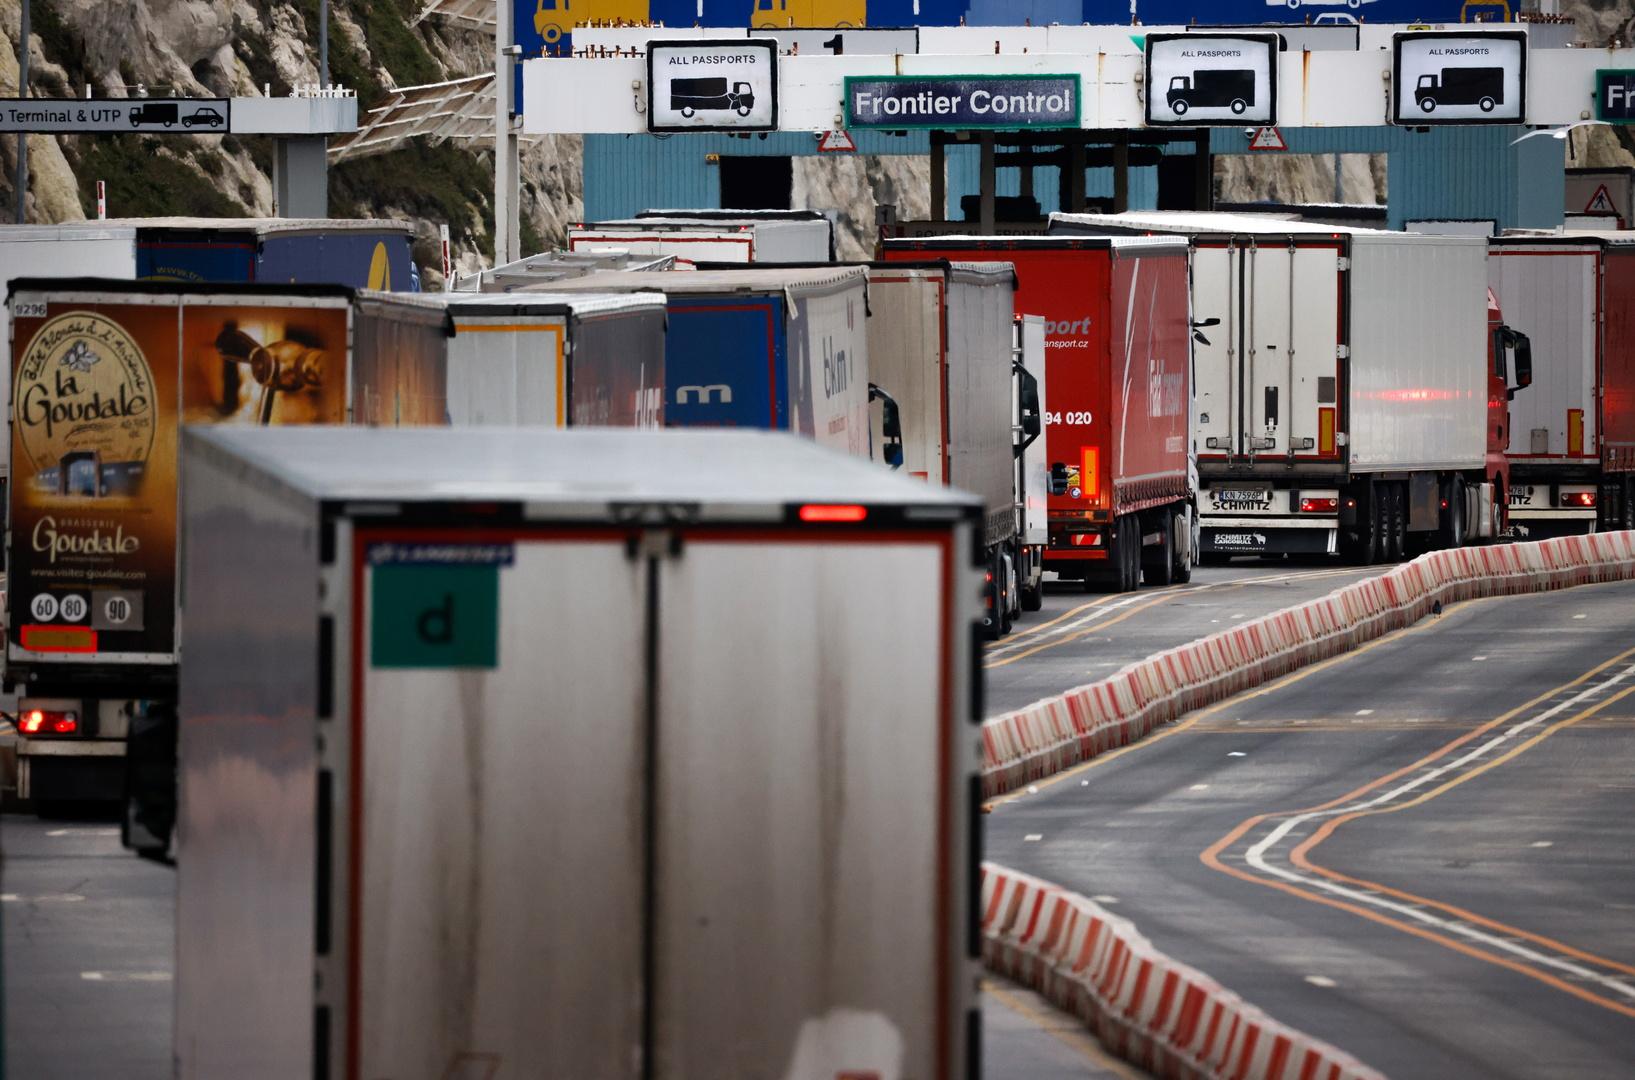 شاحنات  عند مراقبة الحدود في ميناء دوفر ببريطانيا